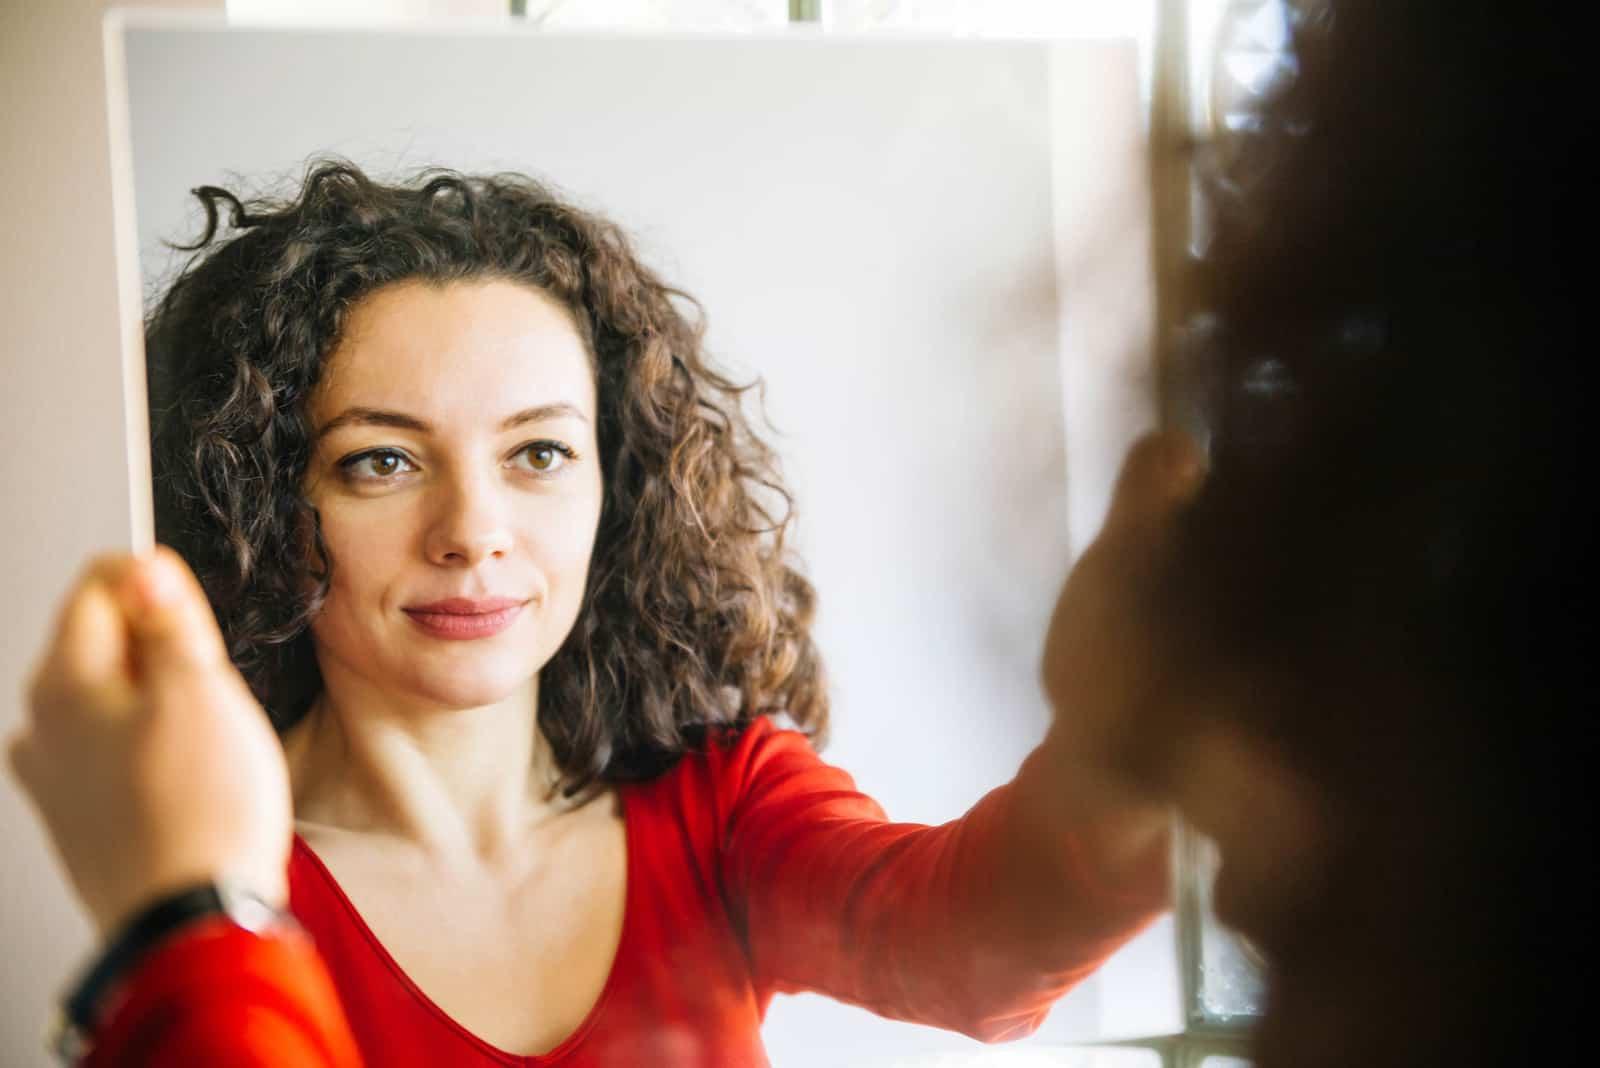 Femme aux cheveux bouclés, debout devant un grand miroir